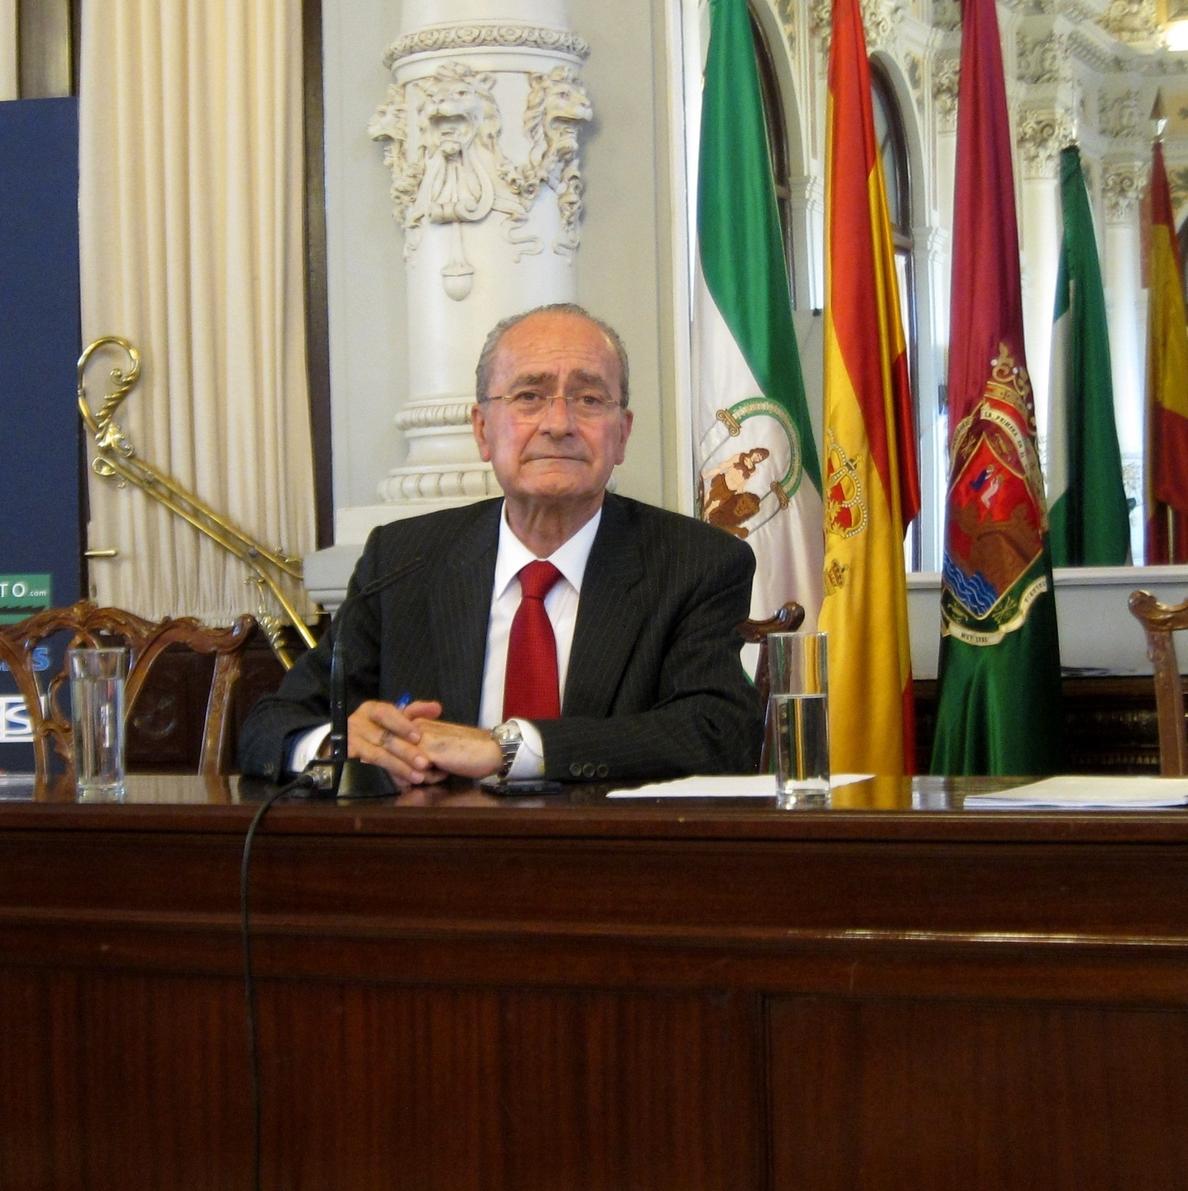 El alcalde de Málaga: hay que incidir en la educación para evitar las agresiones sexuales